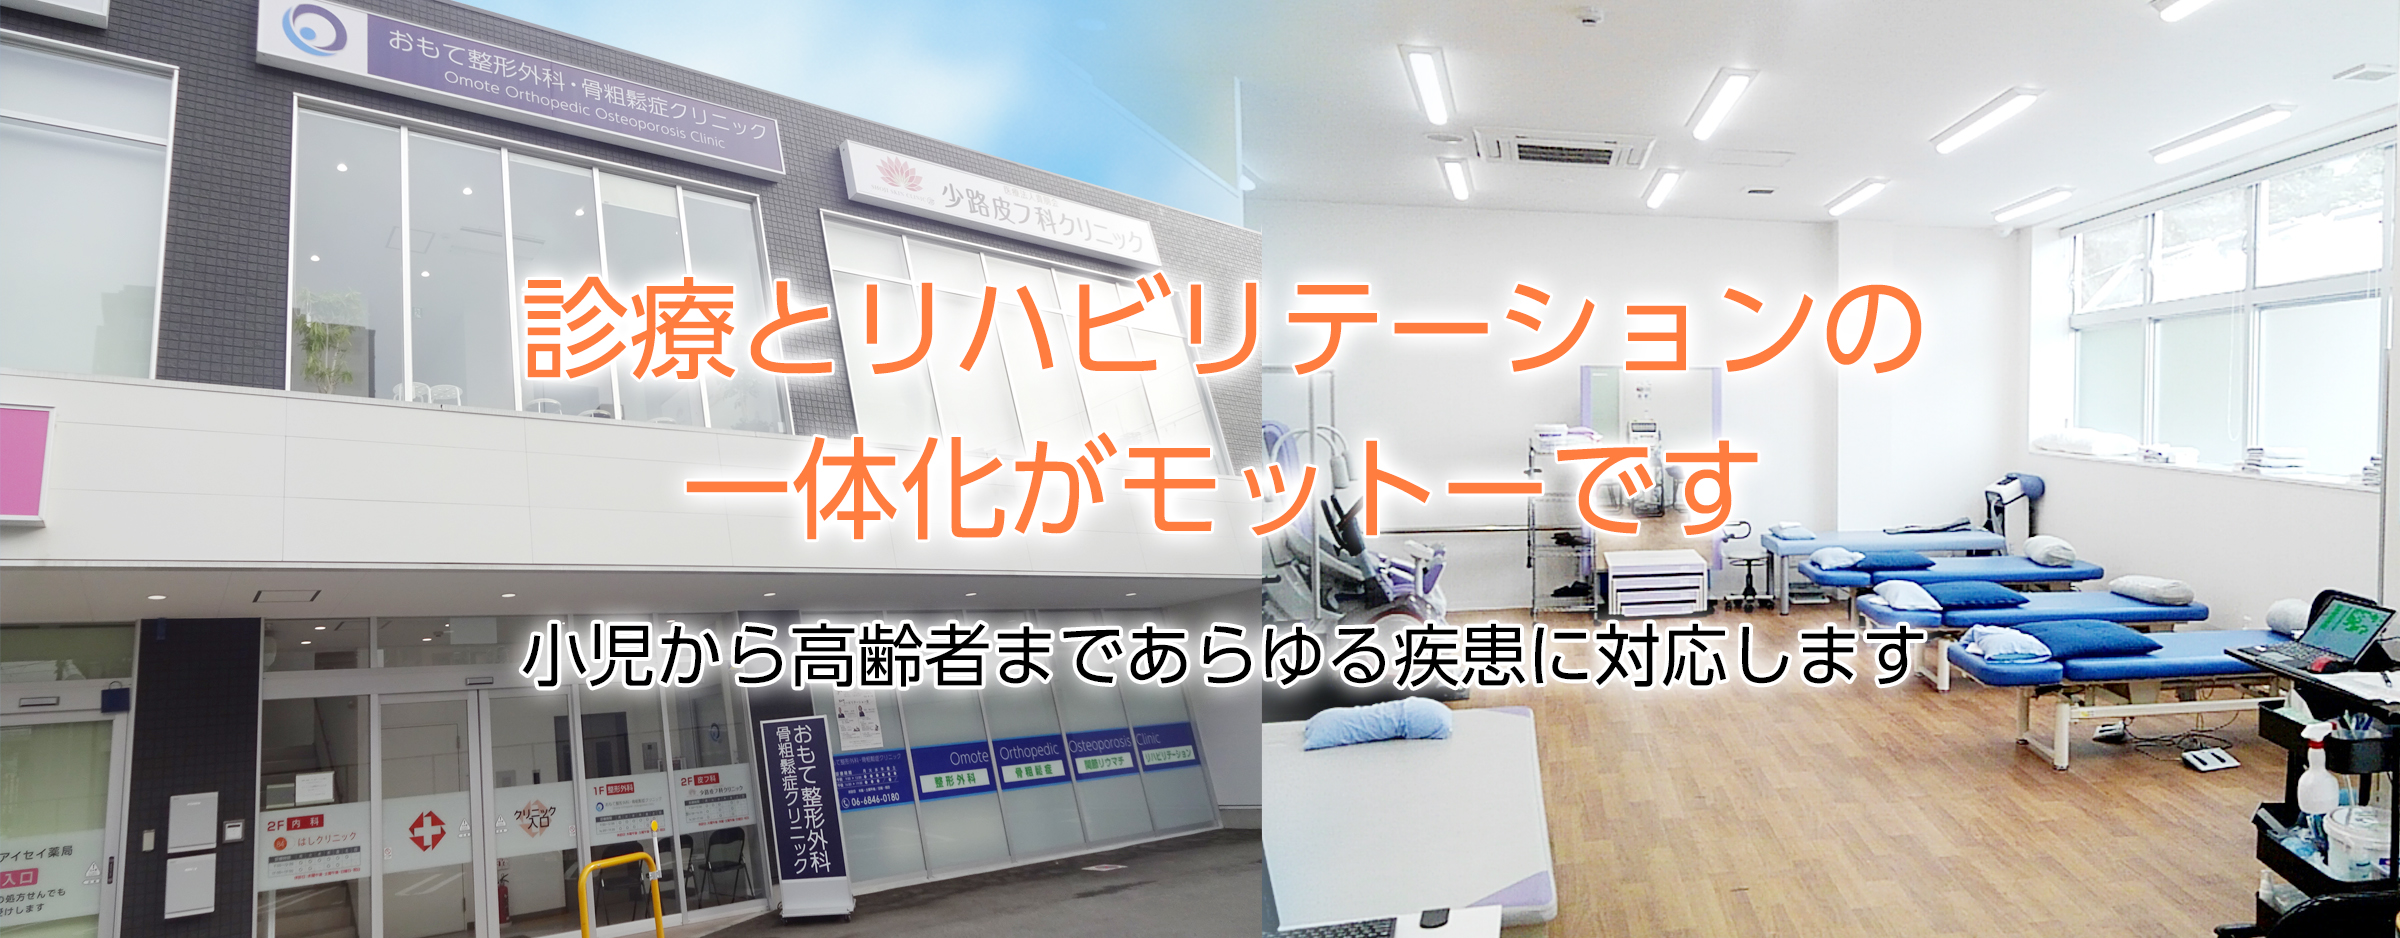 渋谷 リウマチ